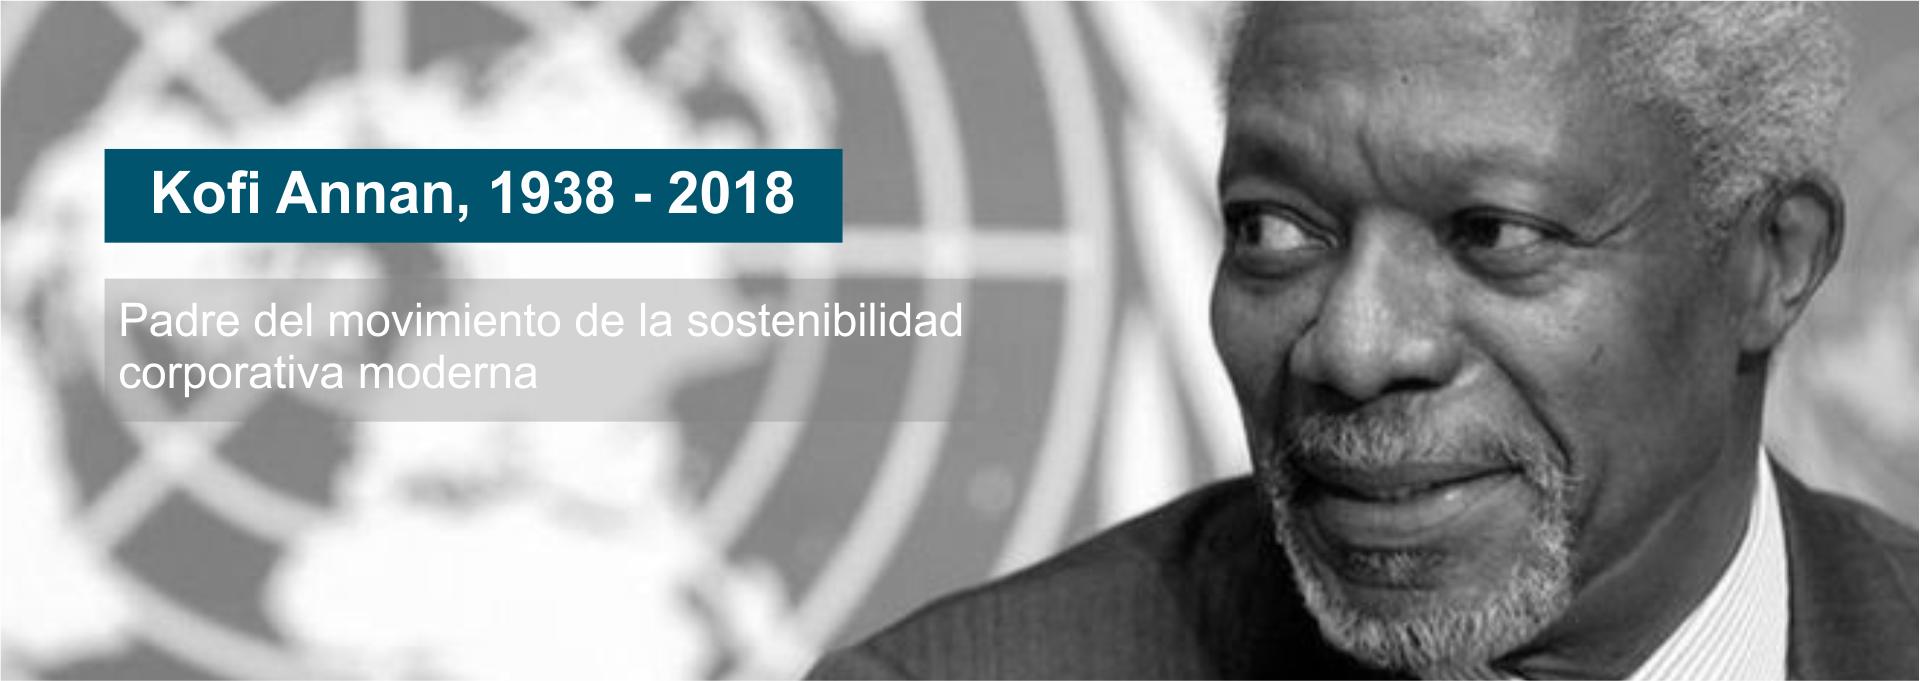 Kofi-Annan-Portada-2